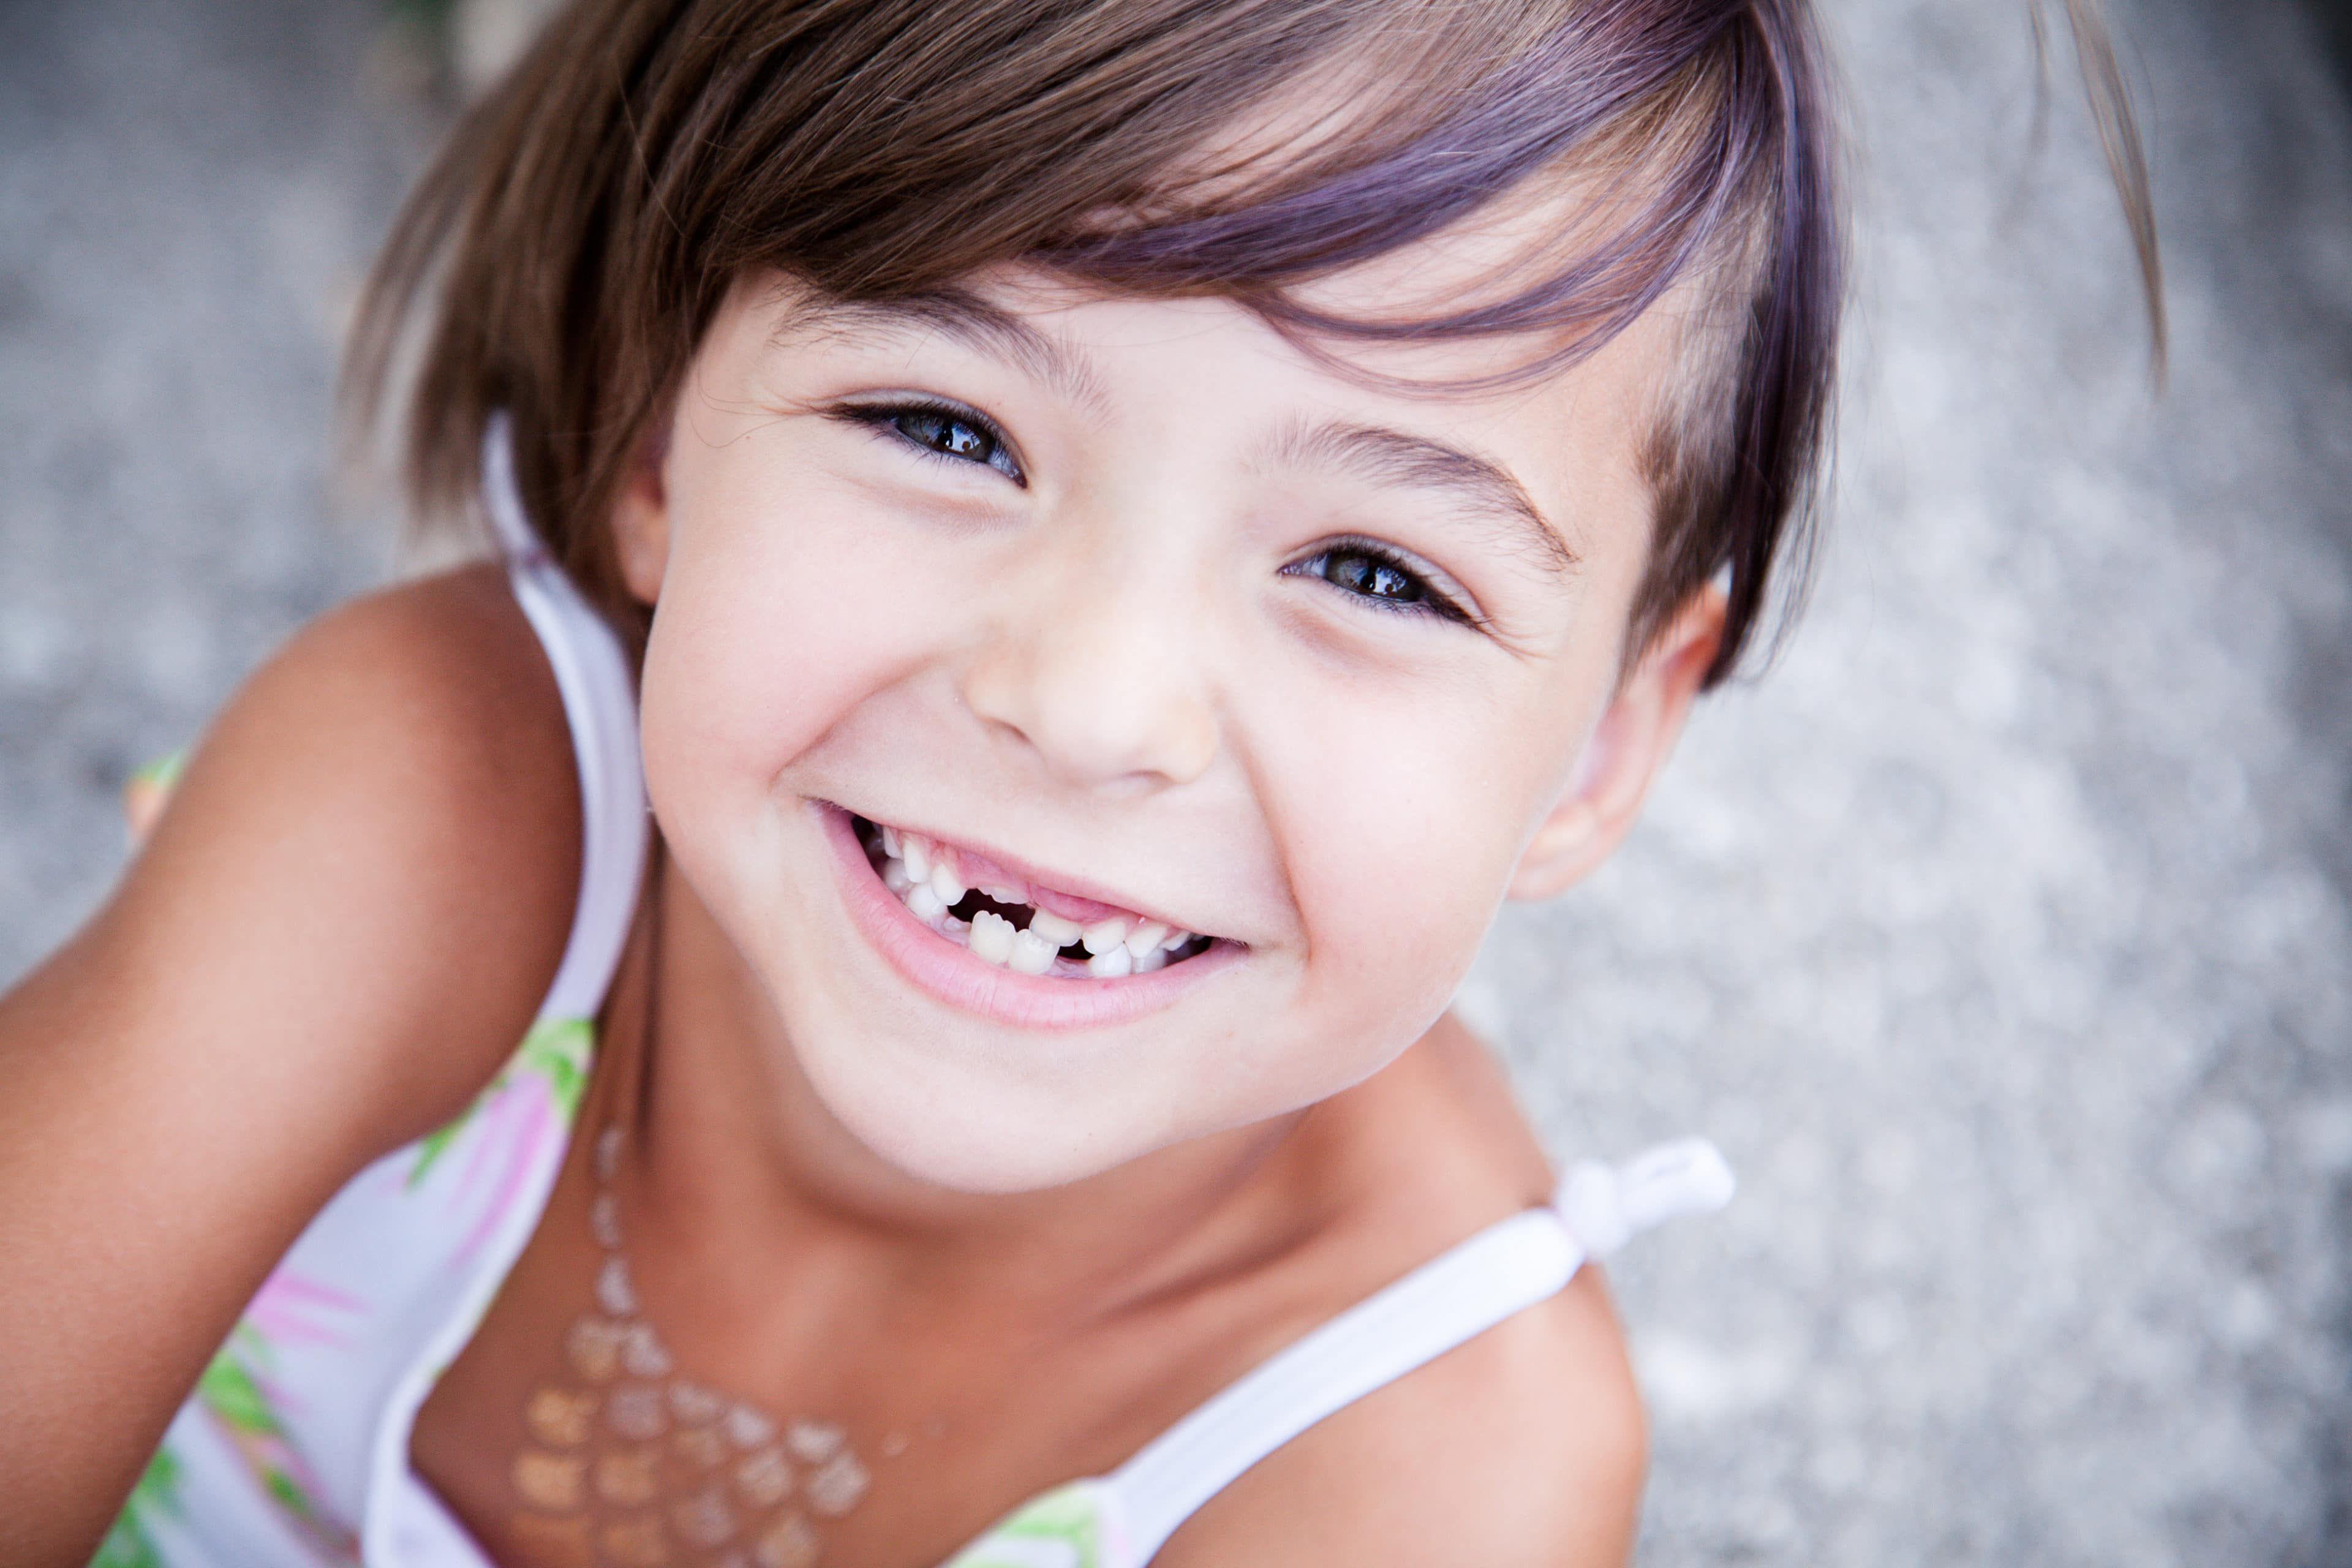 Stiftung Warentest Teure Zahnzusatzversicherungen Nicht Unbedingt Die Besten Zahnzusatzversicherung Zahne Zuzahlung